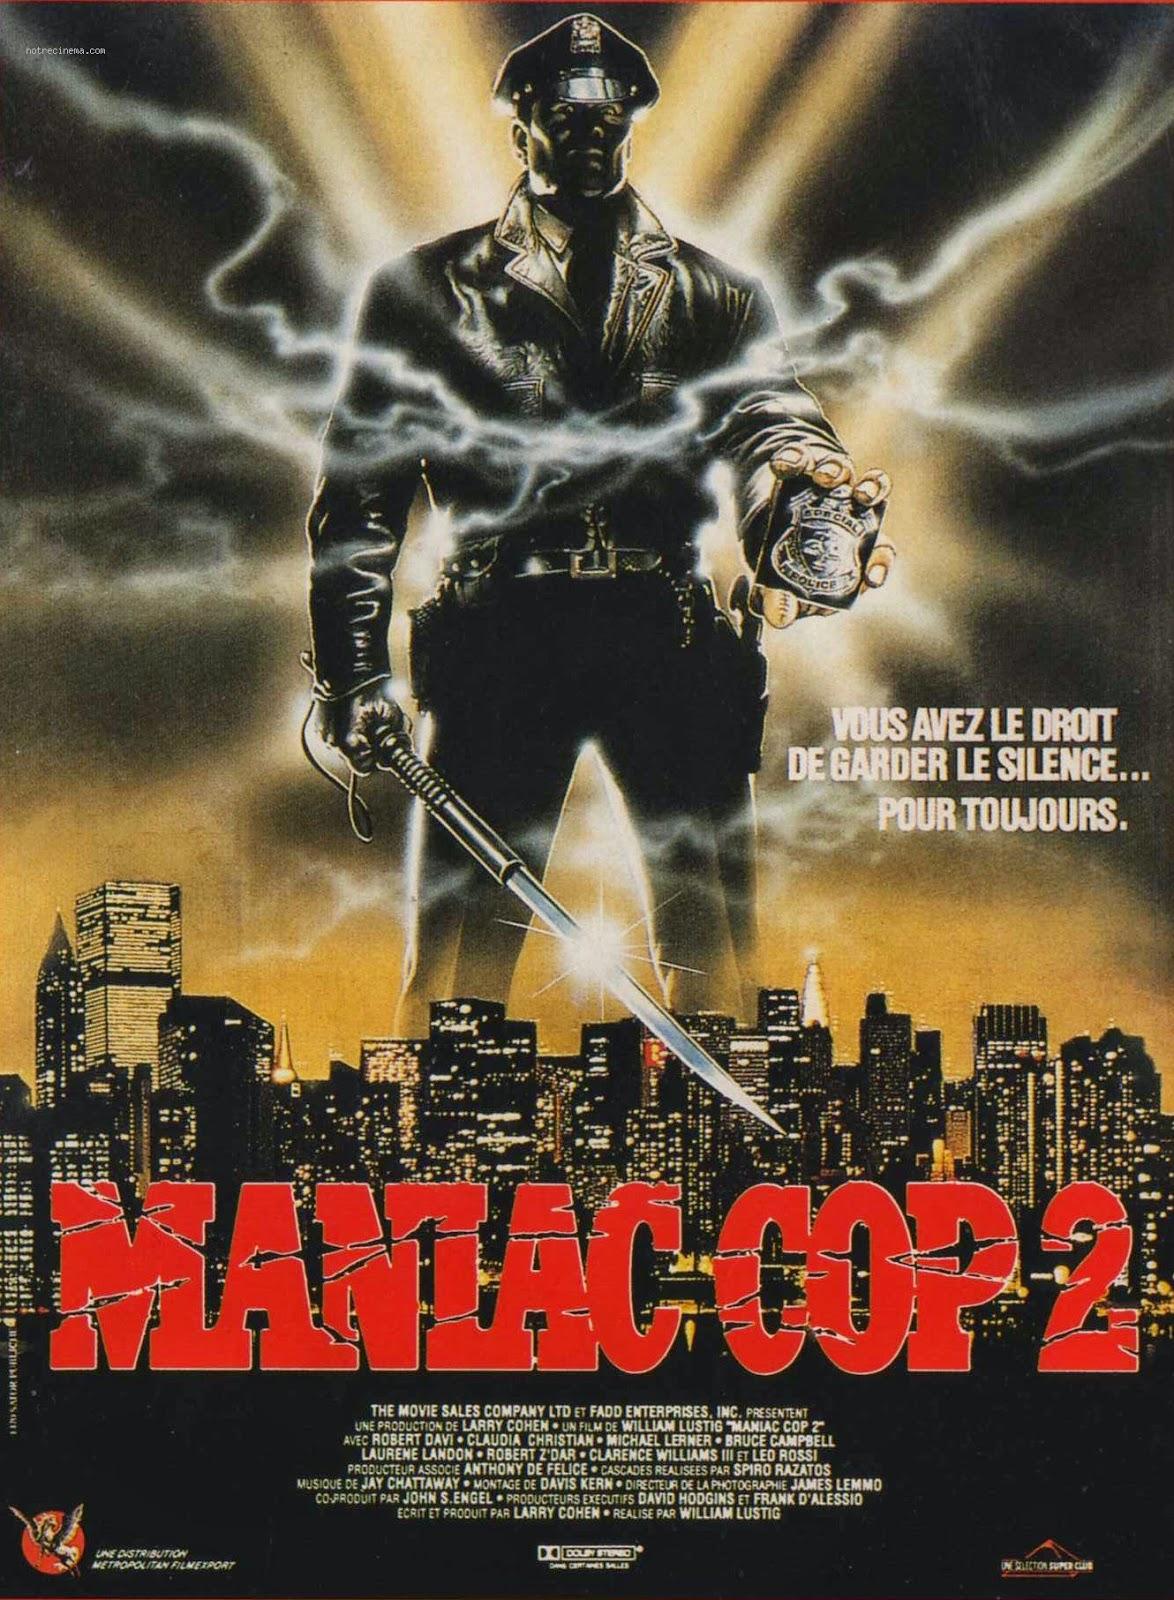 Αποτέλεσμα εικόνας για Maniac.Cop.2